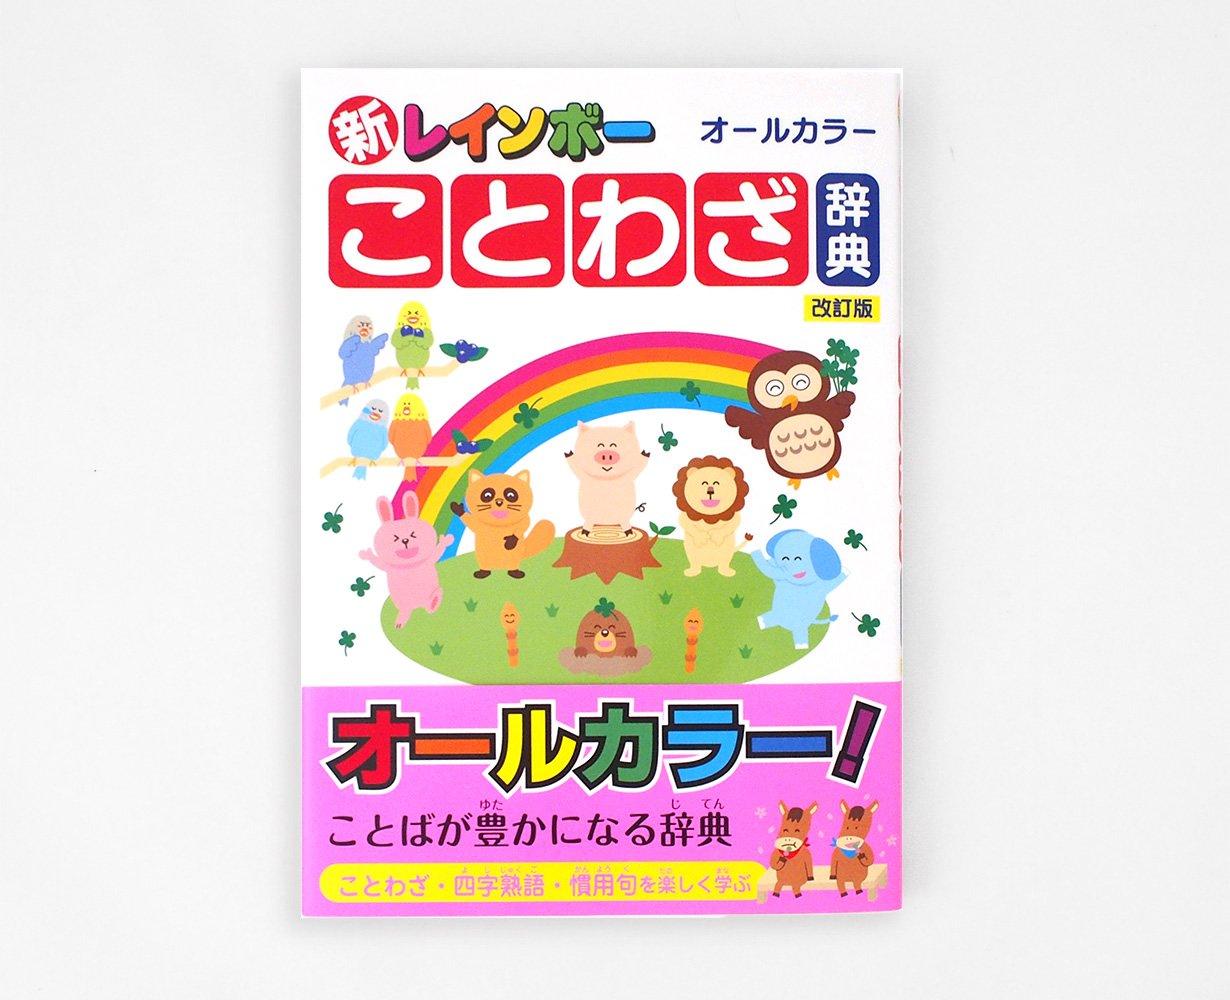 新レインボーことわざ辞典改訂版(オールカラー) (小学生向辞典